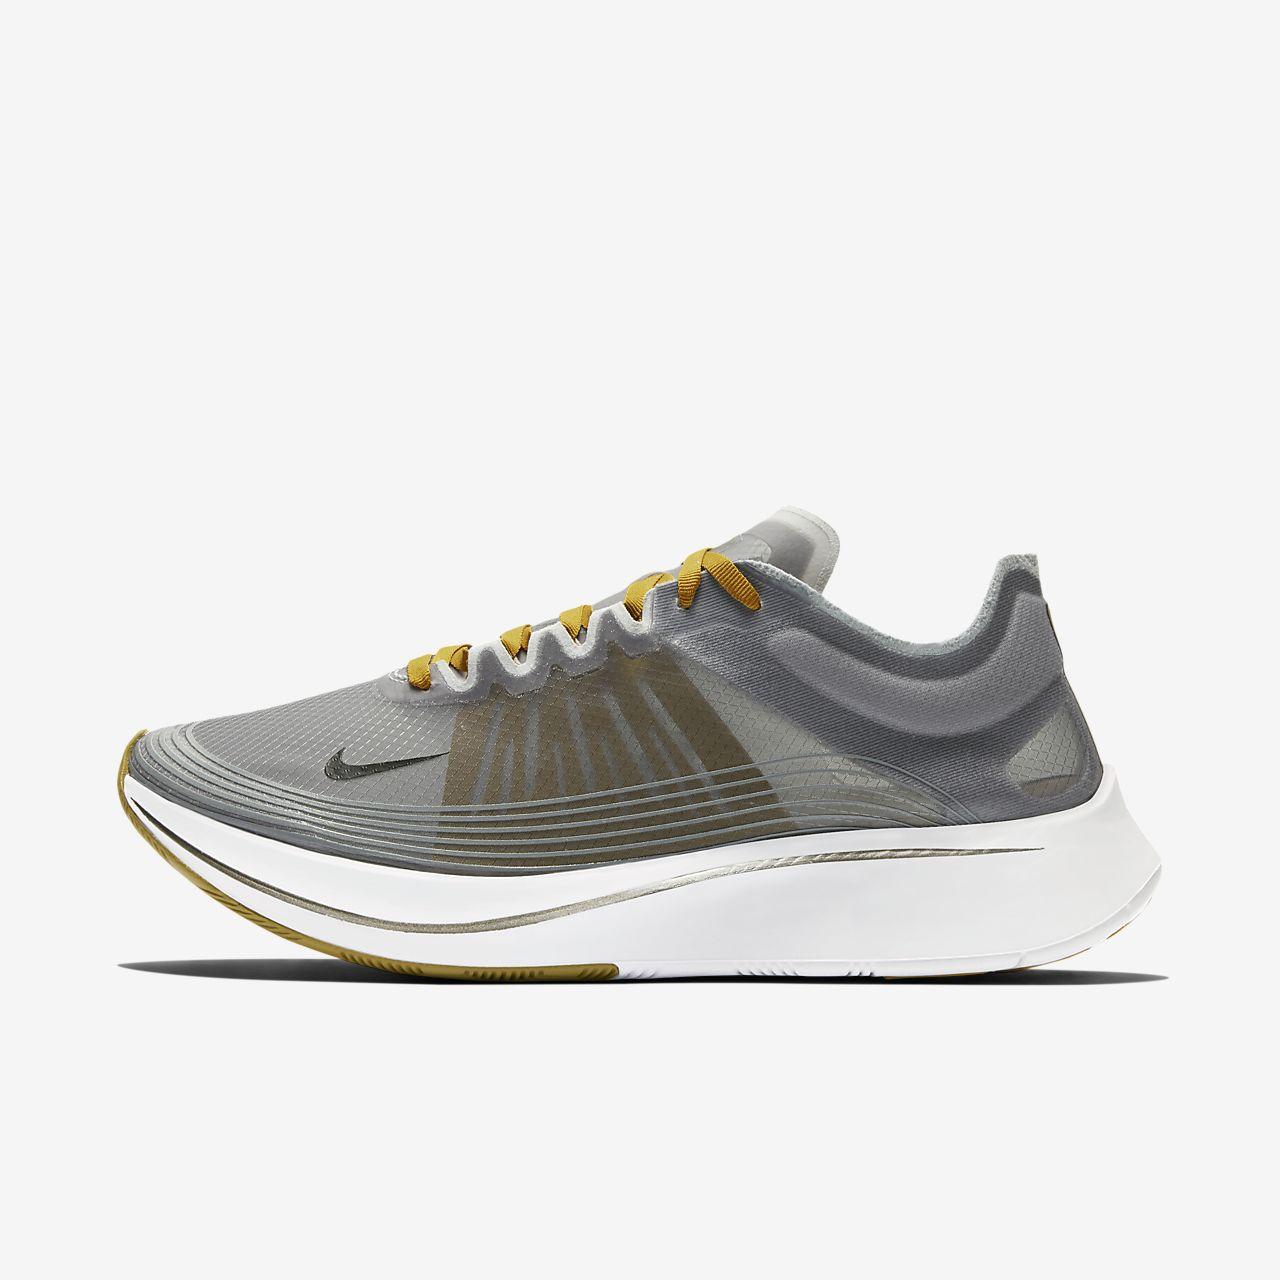 best sneakers 3b9ab d625b ... Calzado de running Nike Zoom Fly SP